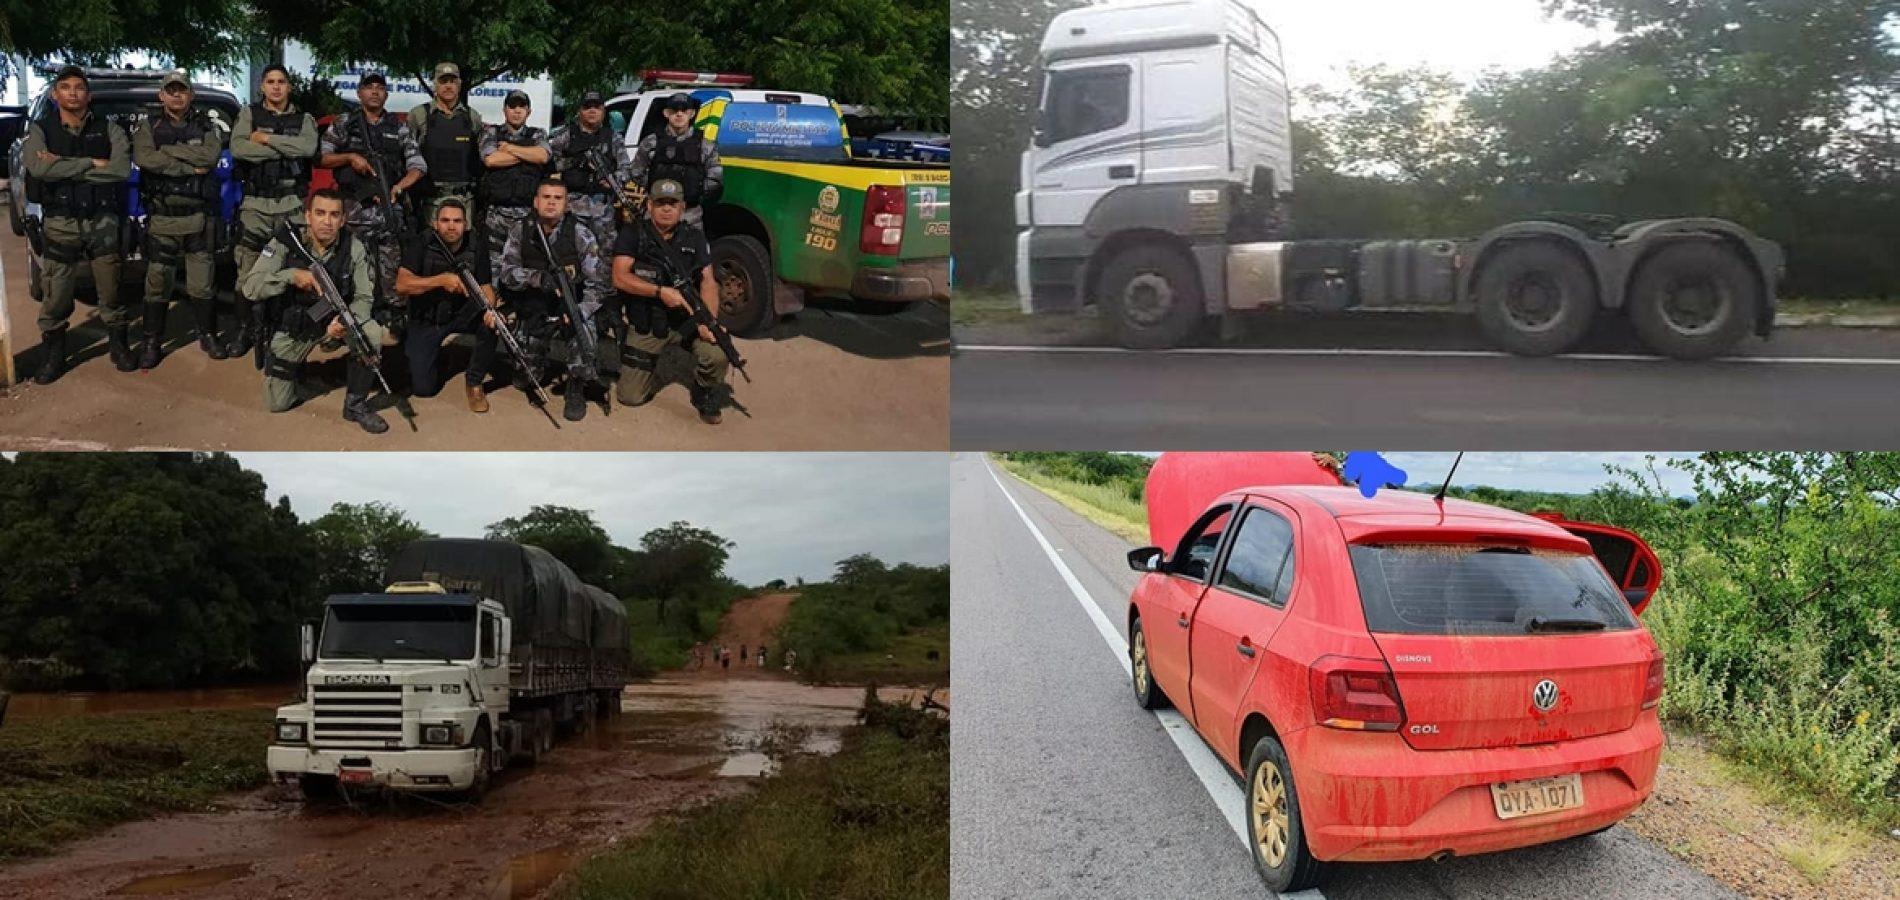 PAULISTANA | Operação 'Bezerro Desmamado' desarticula quadrilha especializada em roubo de carga